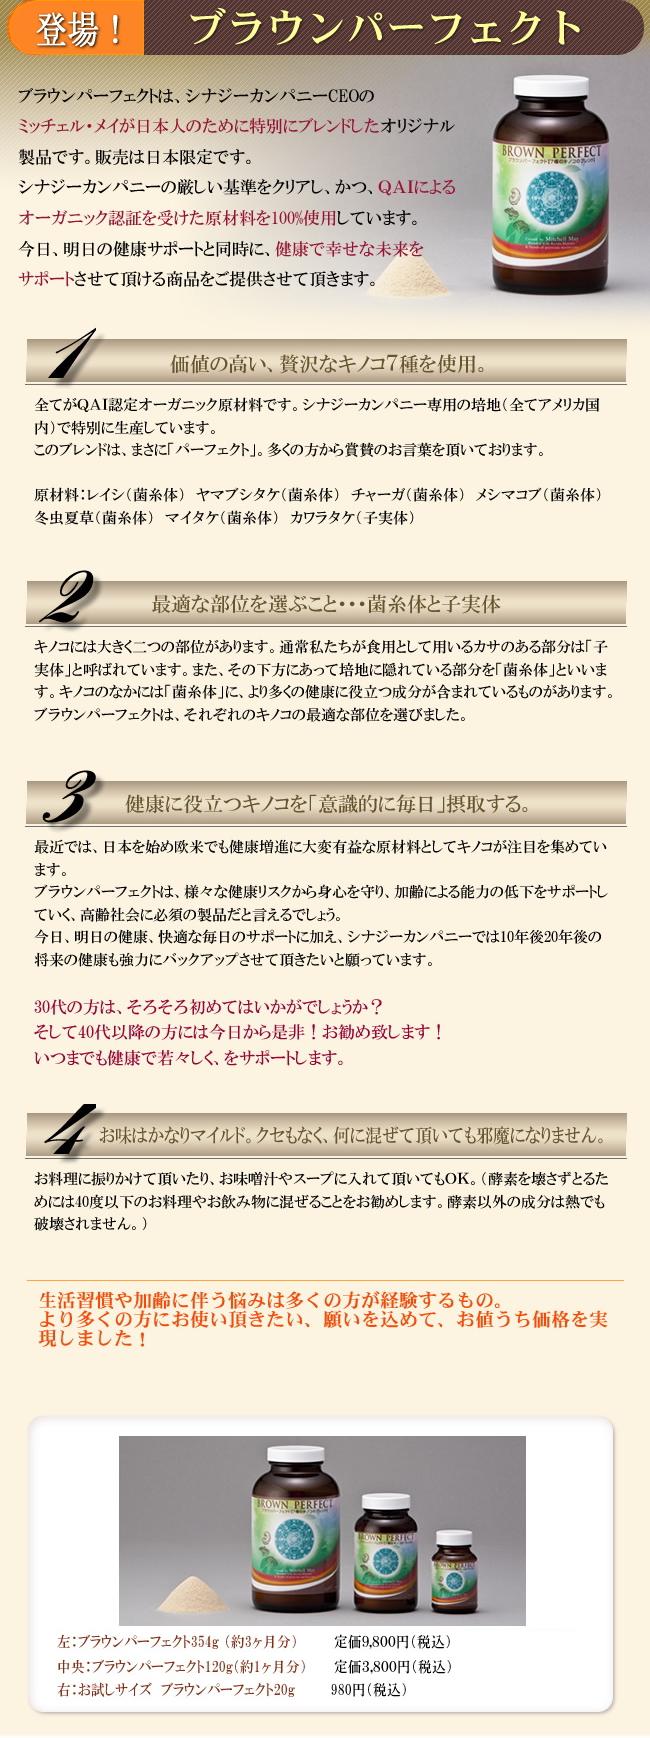 ブラウンパーフェクトは、シナジーカンパニーCEOのミッチェル・メイが、日本人のために特別にブレンドしたオリジナル製品です。レイシ・ヤマブシタケ・チャーガ・メシマコブ・マイタケ・冬虫夏草・カワラタケを、その名の通り、パーフェクトにブレンドした逸品です。